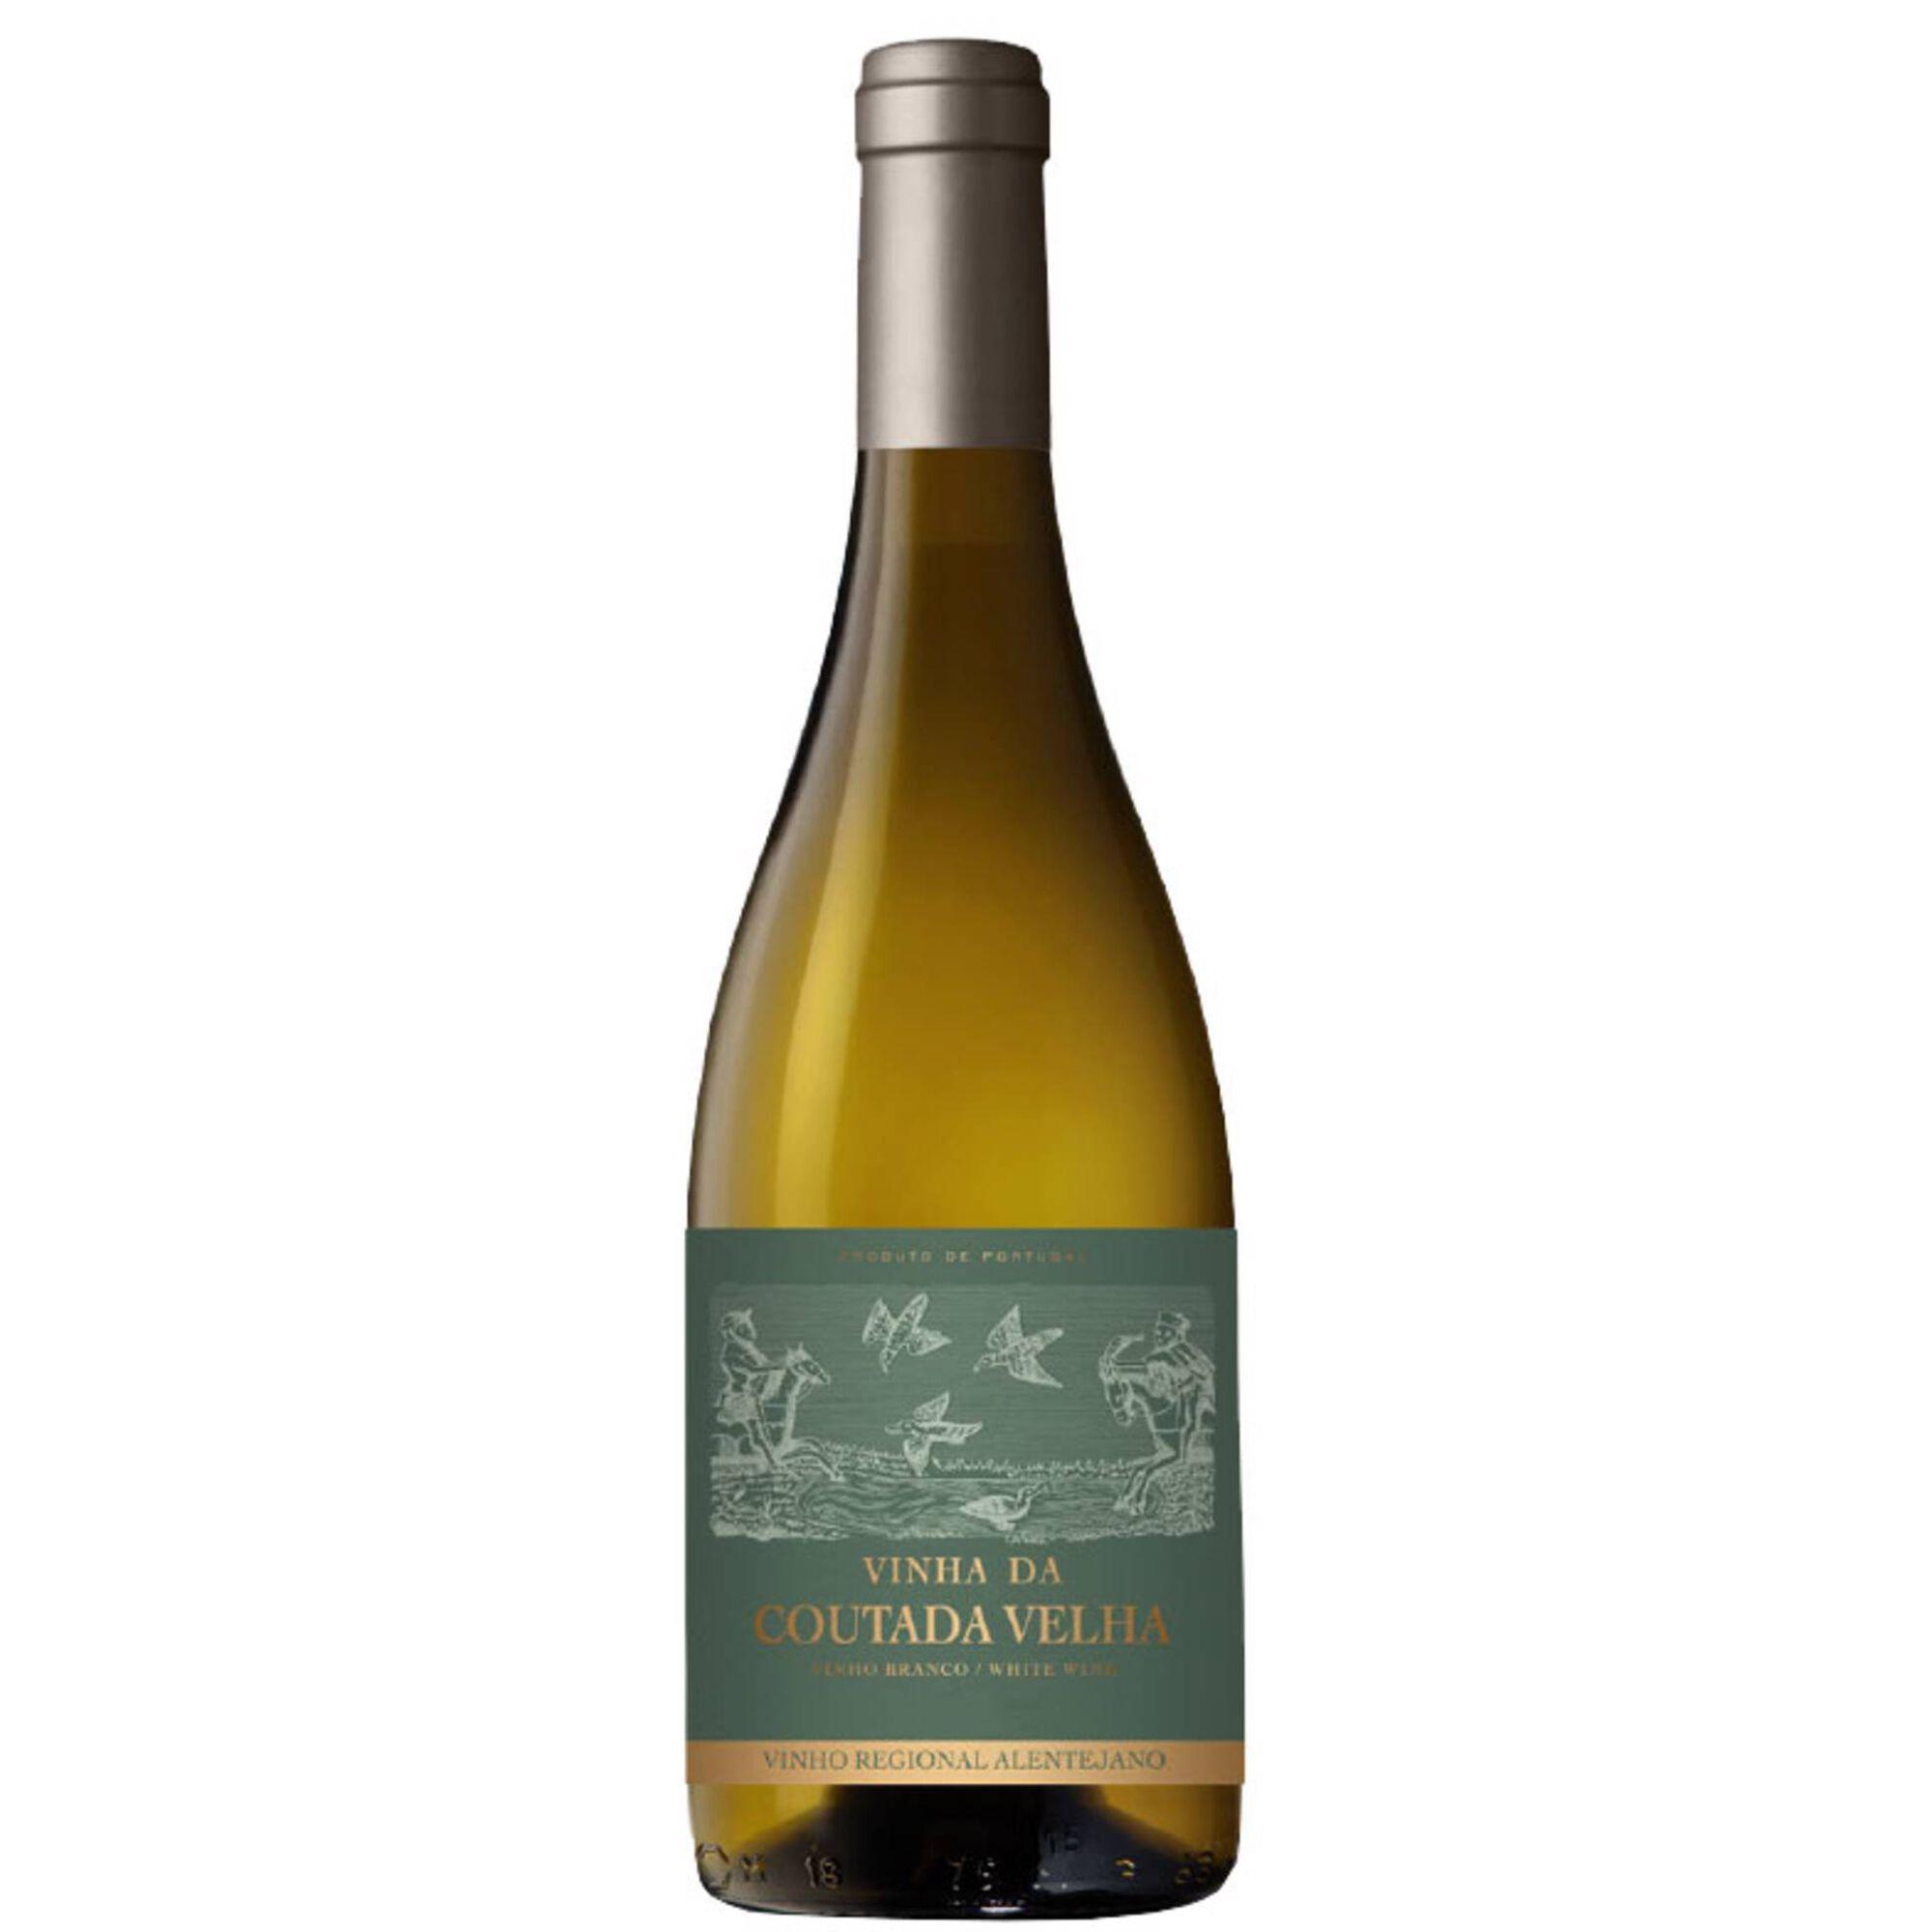 Vinha da Coutada Velha Regional Alentejano Vinho Branco